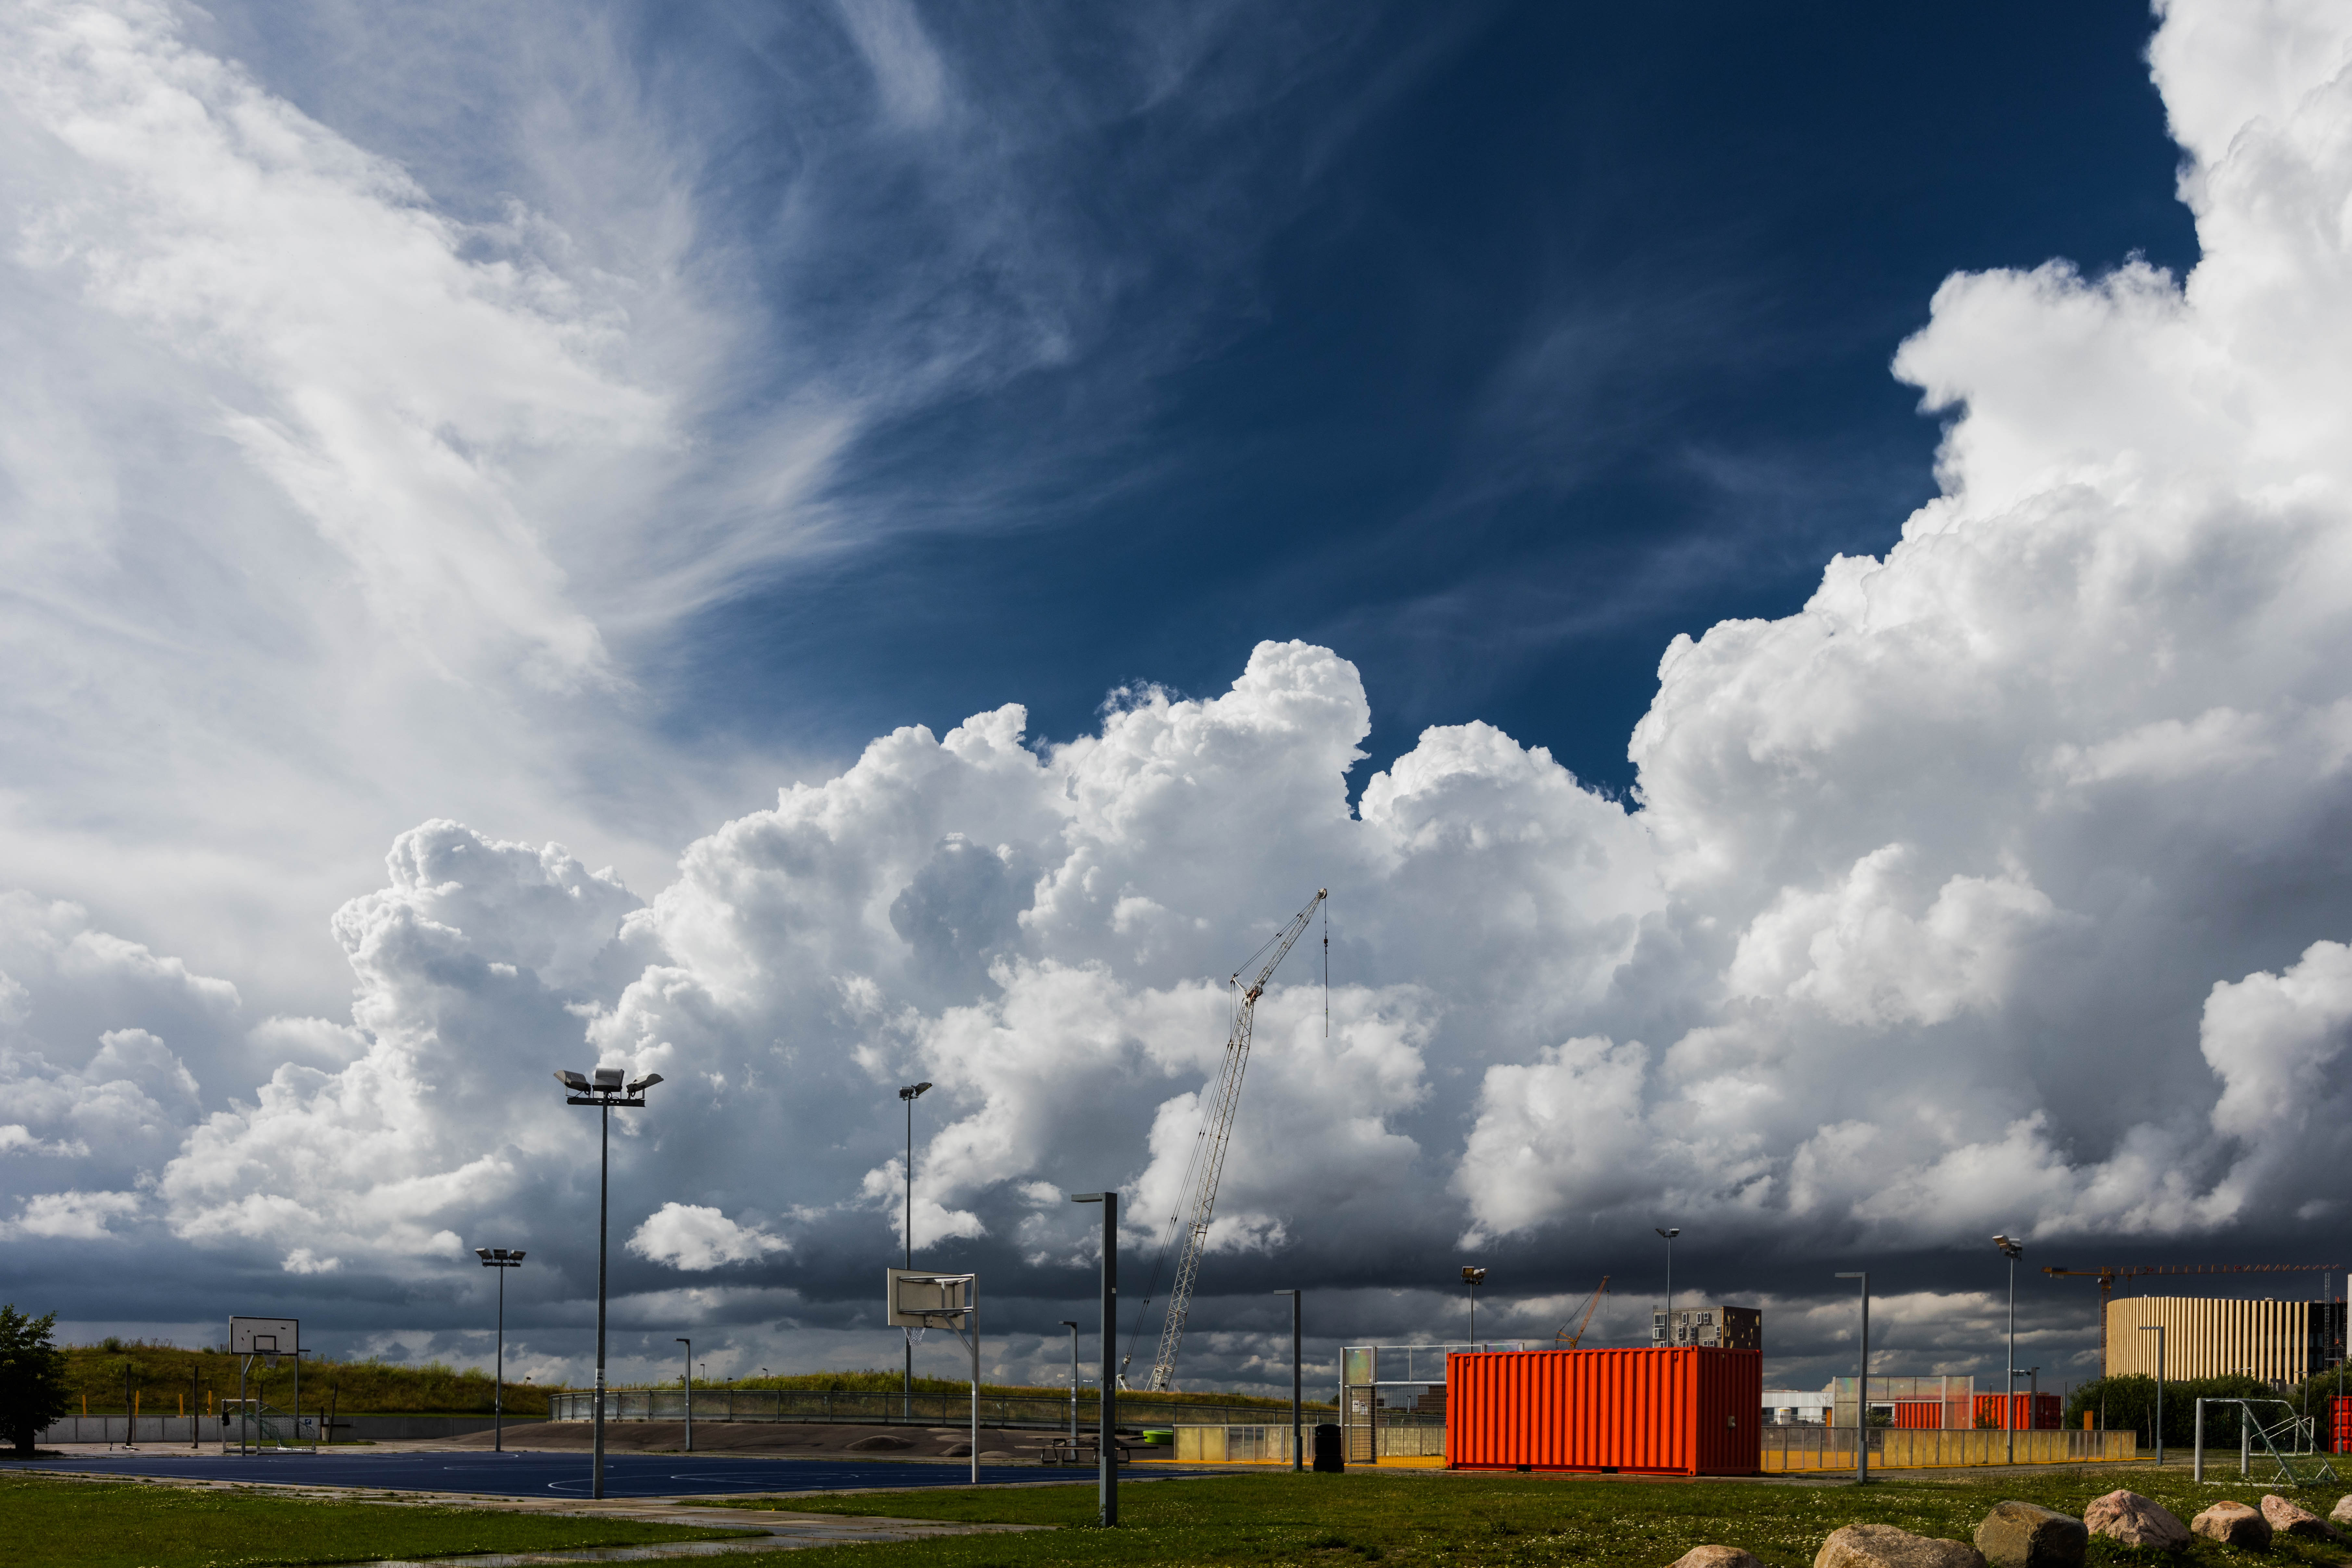 cumulusskyer_-_mads_dreier_oerestaden_2._juli_2016.jpg